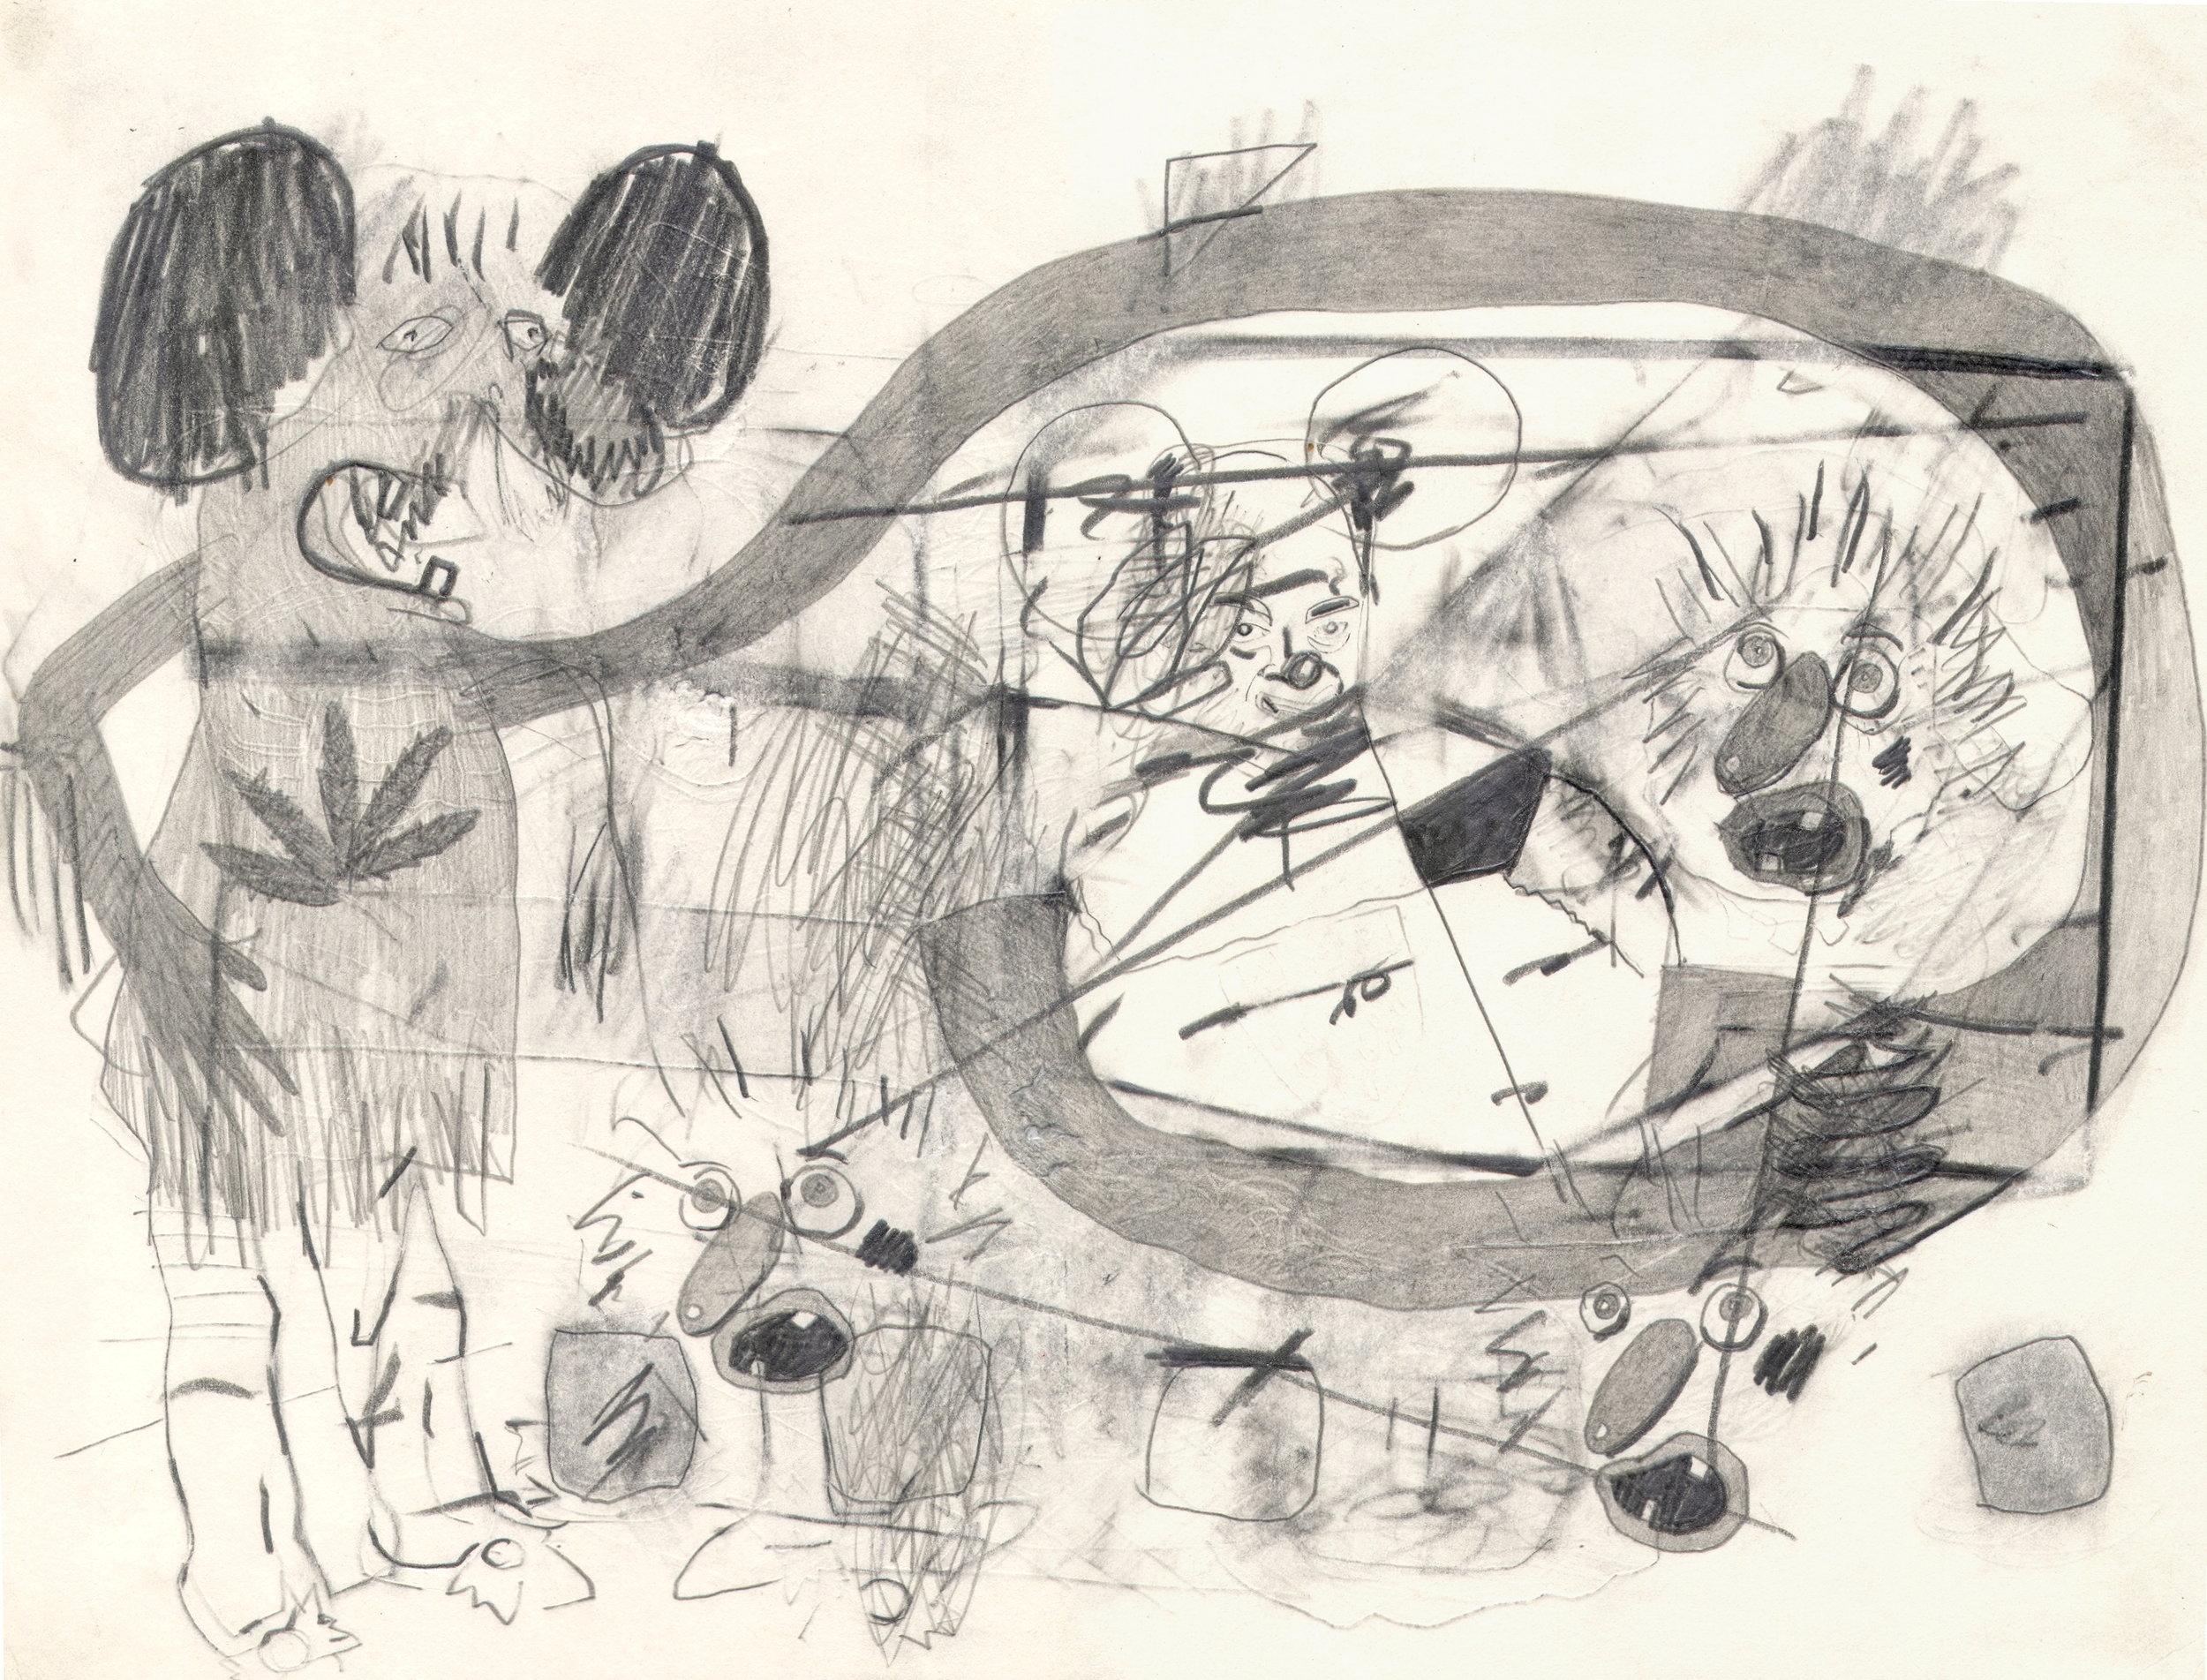 O.T. ( Ratte. Canabis, Bilder ), 2006  Bleistift auf Papier, 26x35.5cm